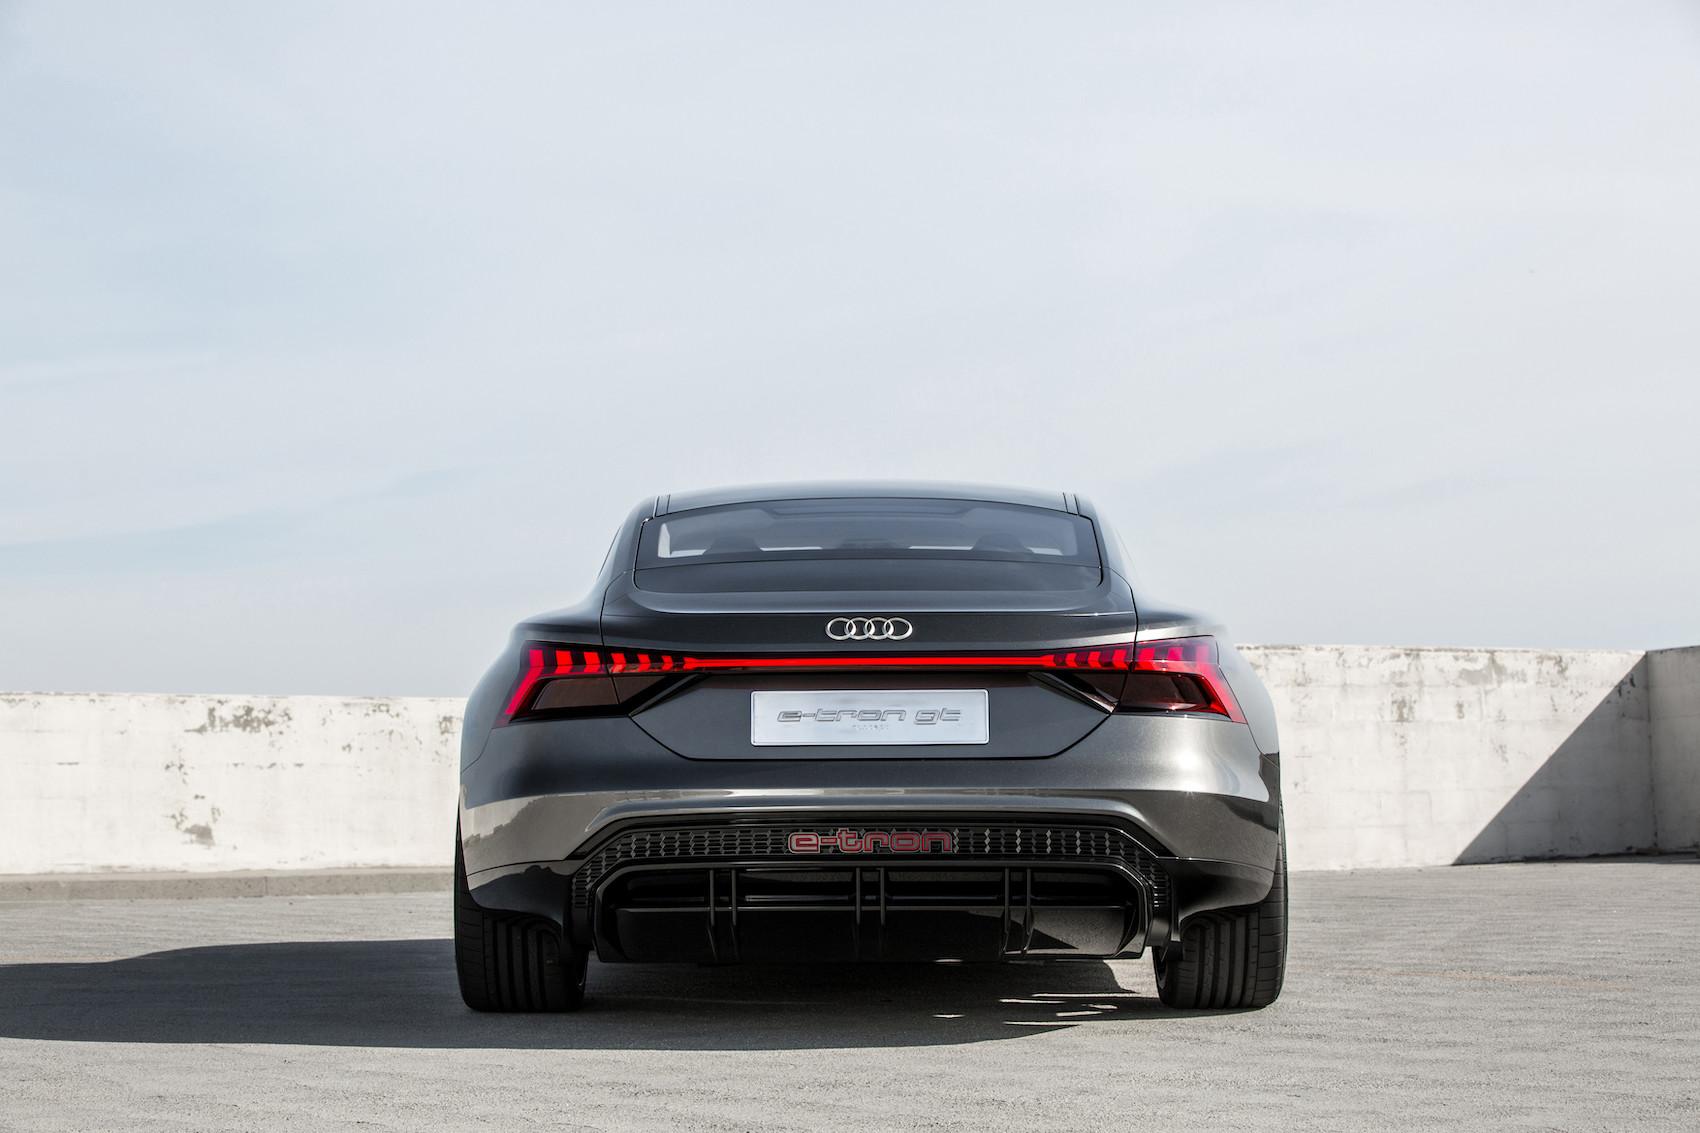 L'Audi e-tron GT concept prefigura il prossimo stadio evolutivo del marchio. (Audi)